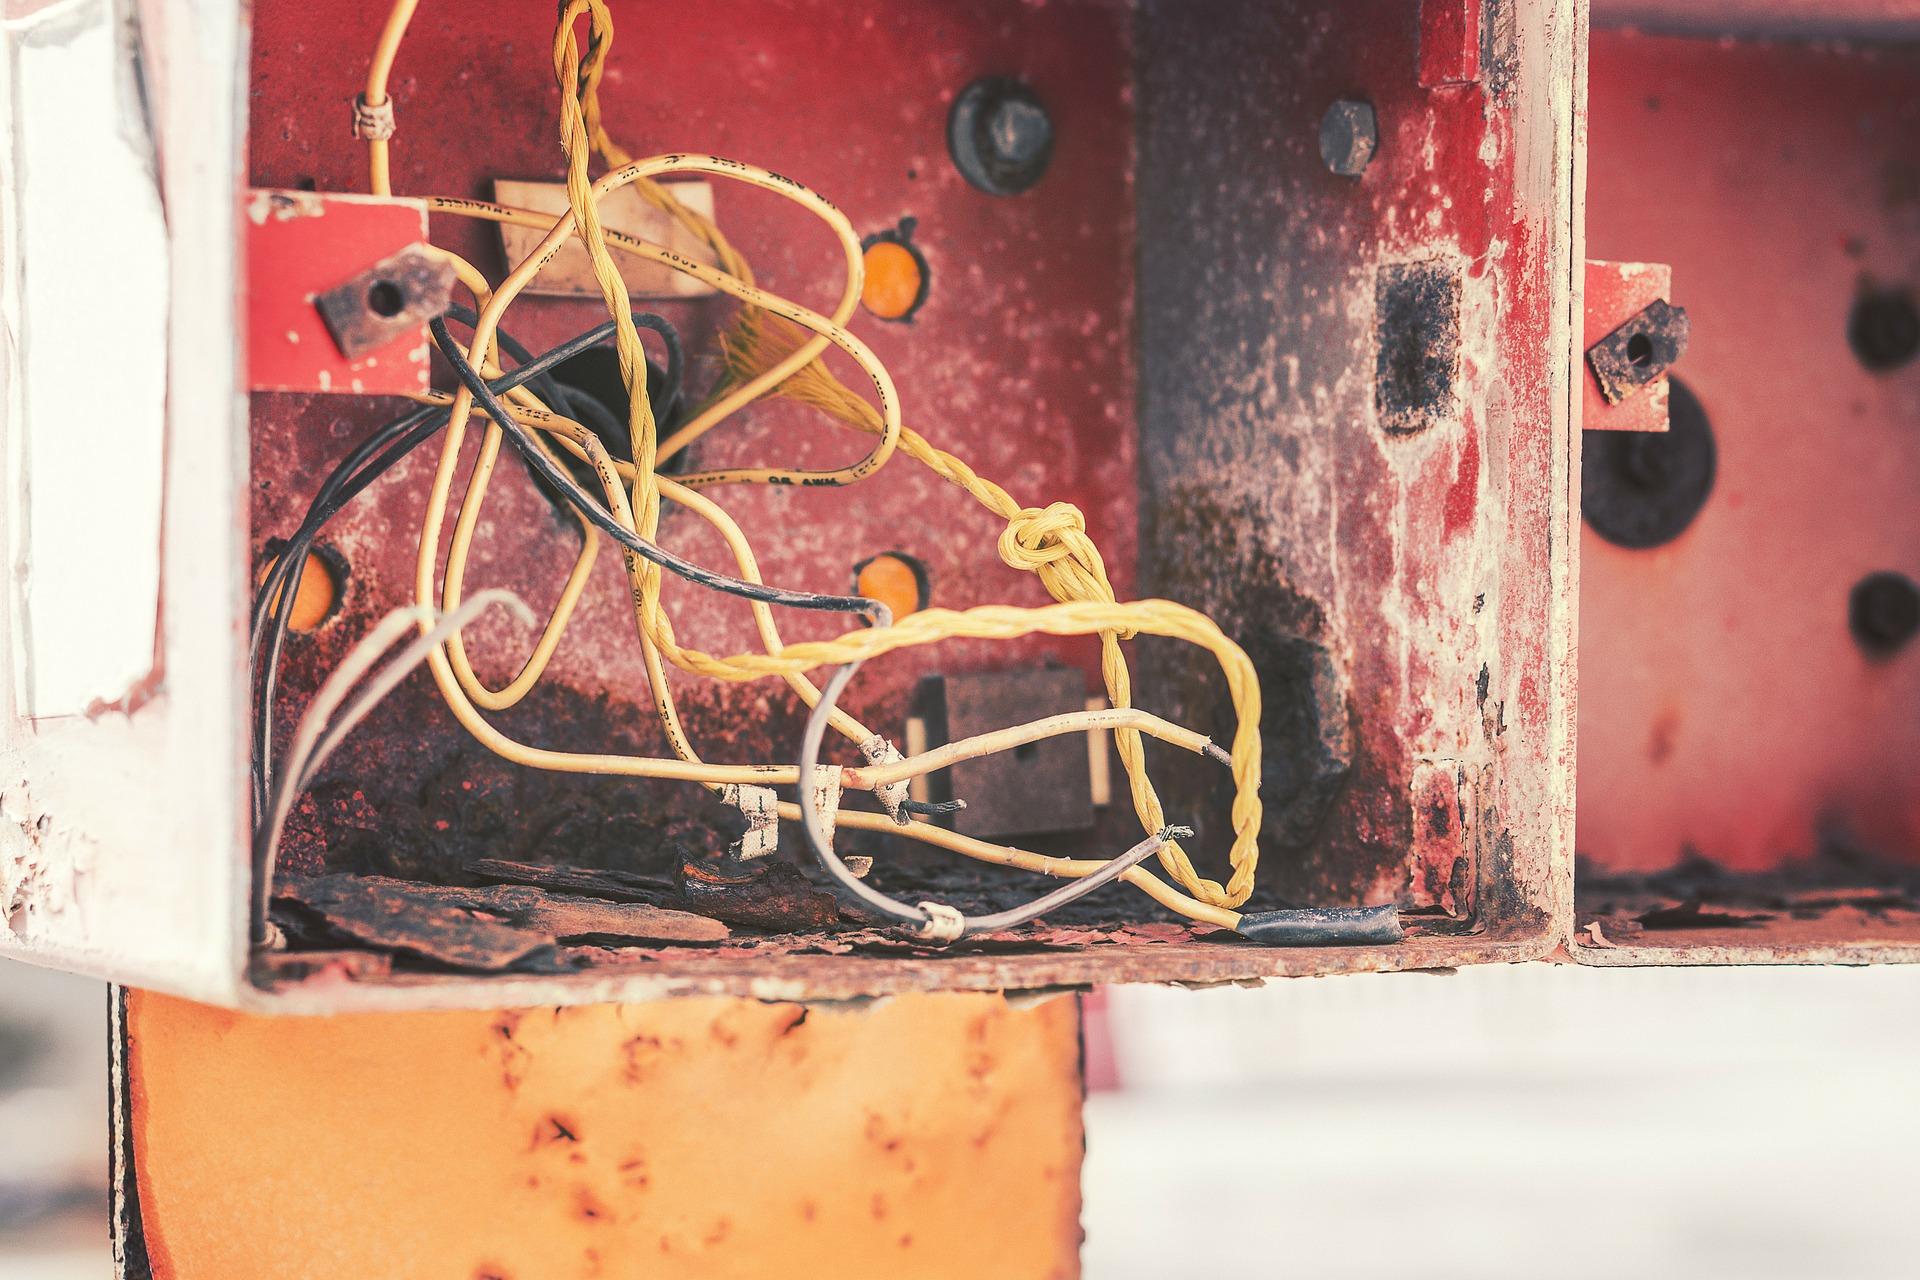 Ricablaggio Nella Tua Casa – Sostituisci Quei Vecchi Fili